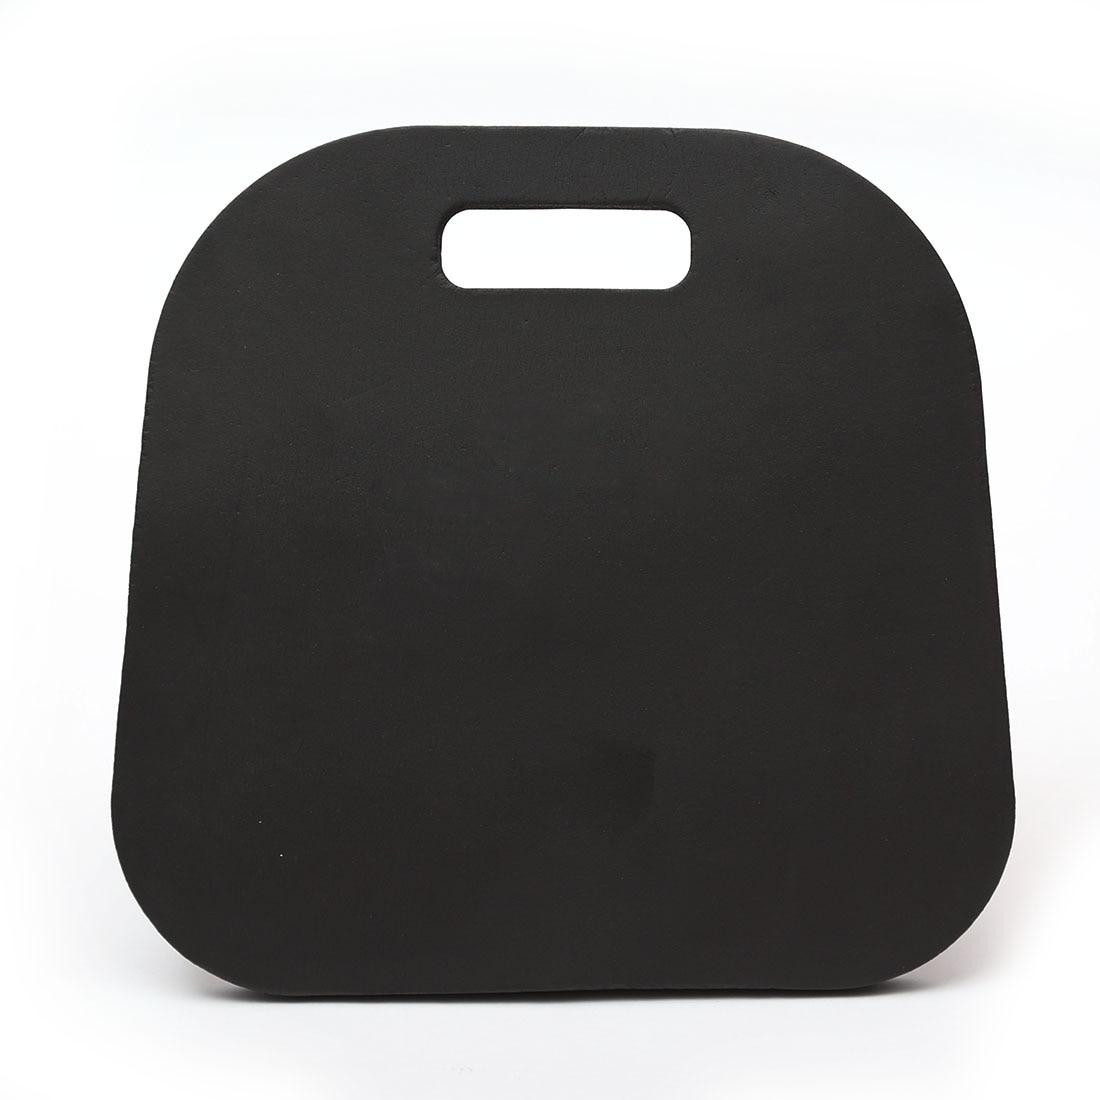 Outdoor Thick Kneeling Pad Garage Garden Mat Kneel Pad Cushion Knee Protect New